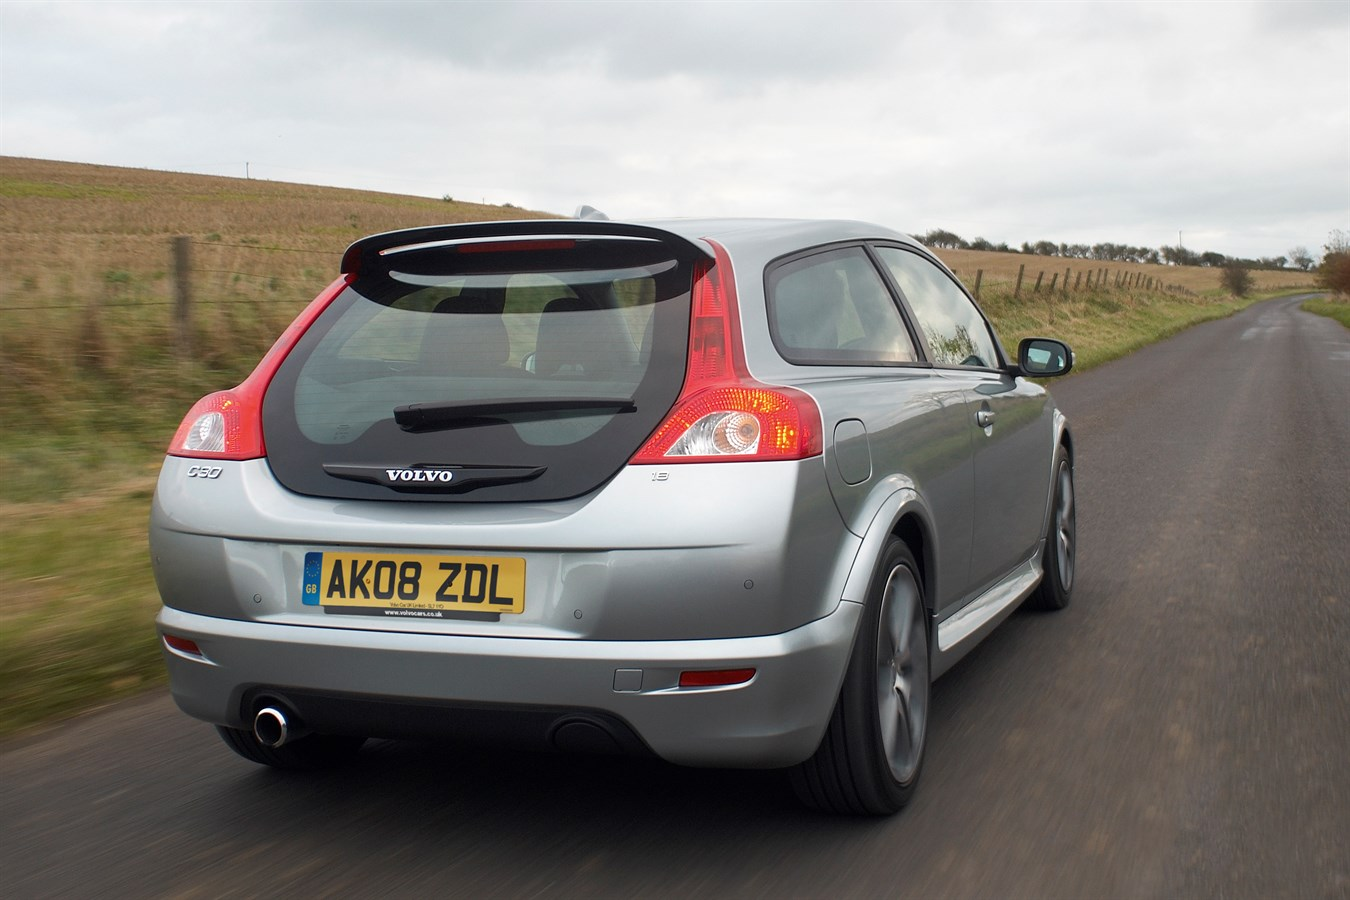 Volvo C30 SportsCoupe, Model Year 2009 - Volvo Car UK Media Newsroom